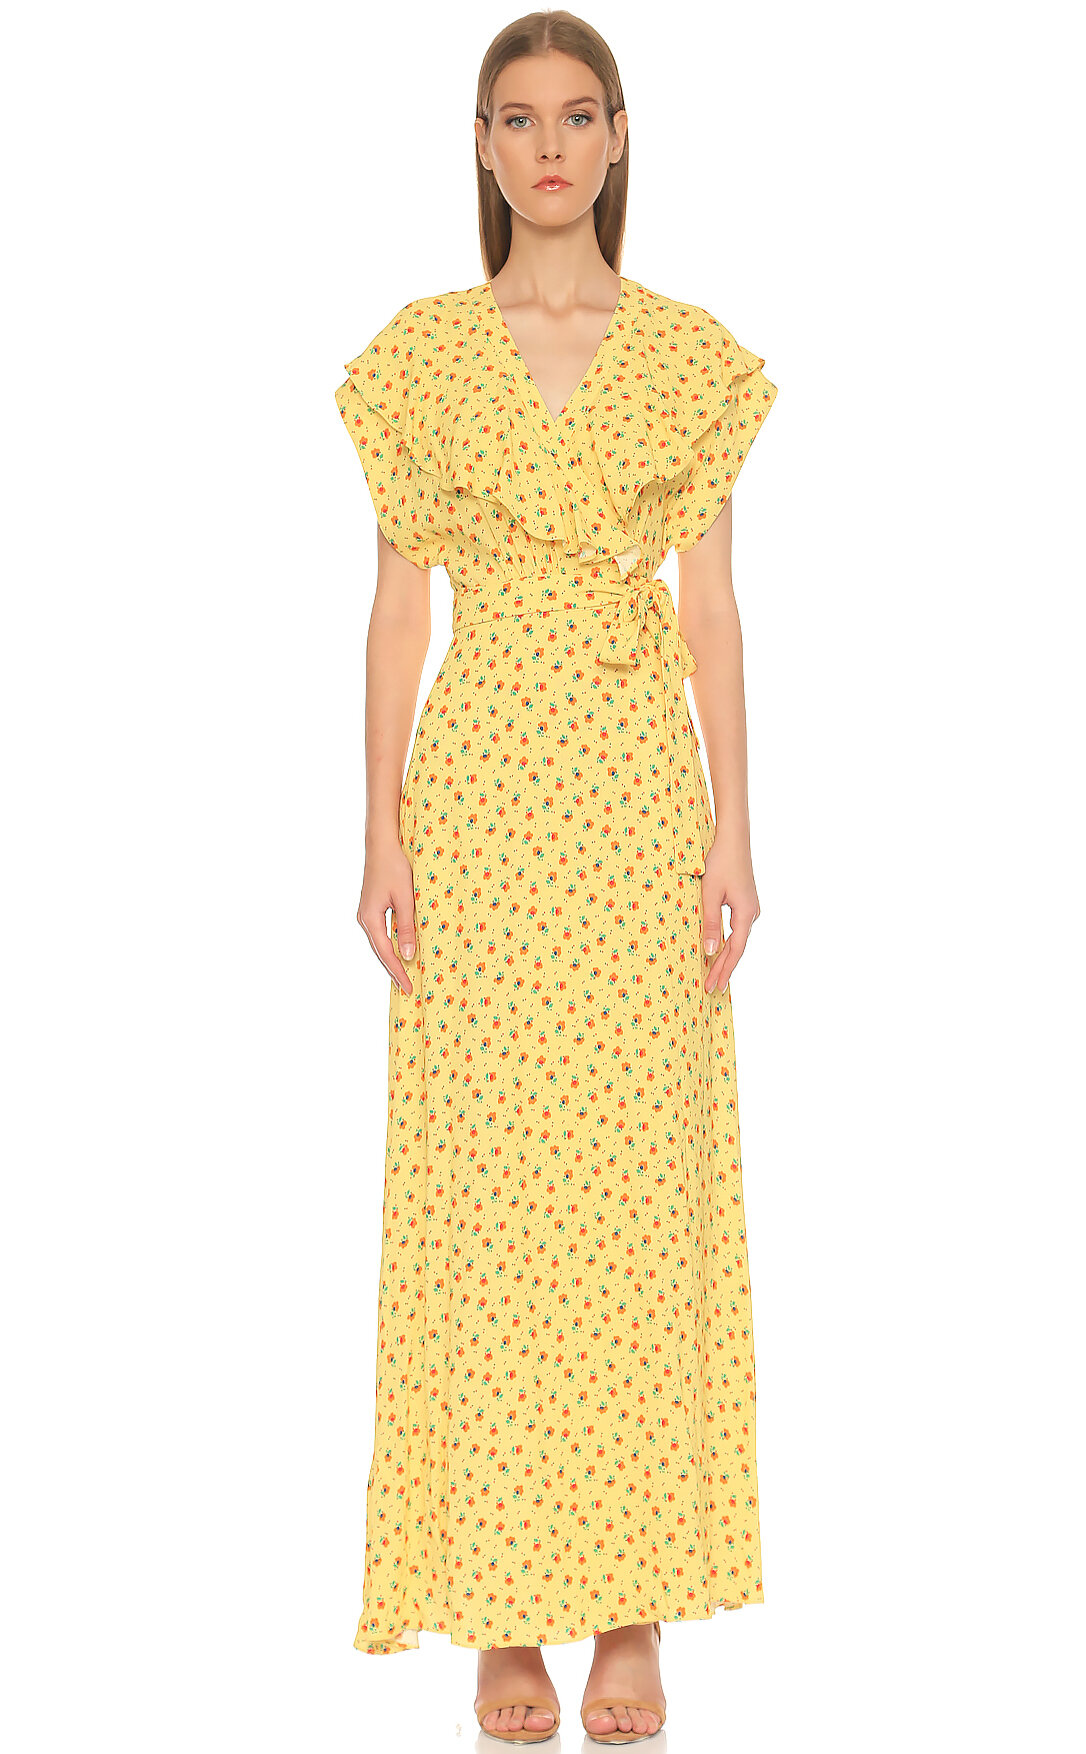 Paul & Joe-Paul & Joe Çiçek Desenli Uzun Renkli Elbise